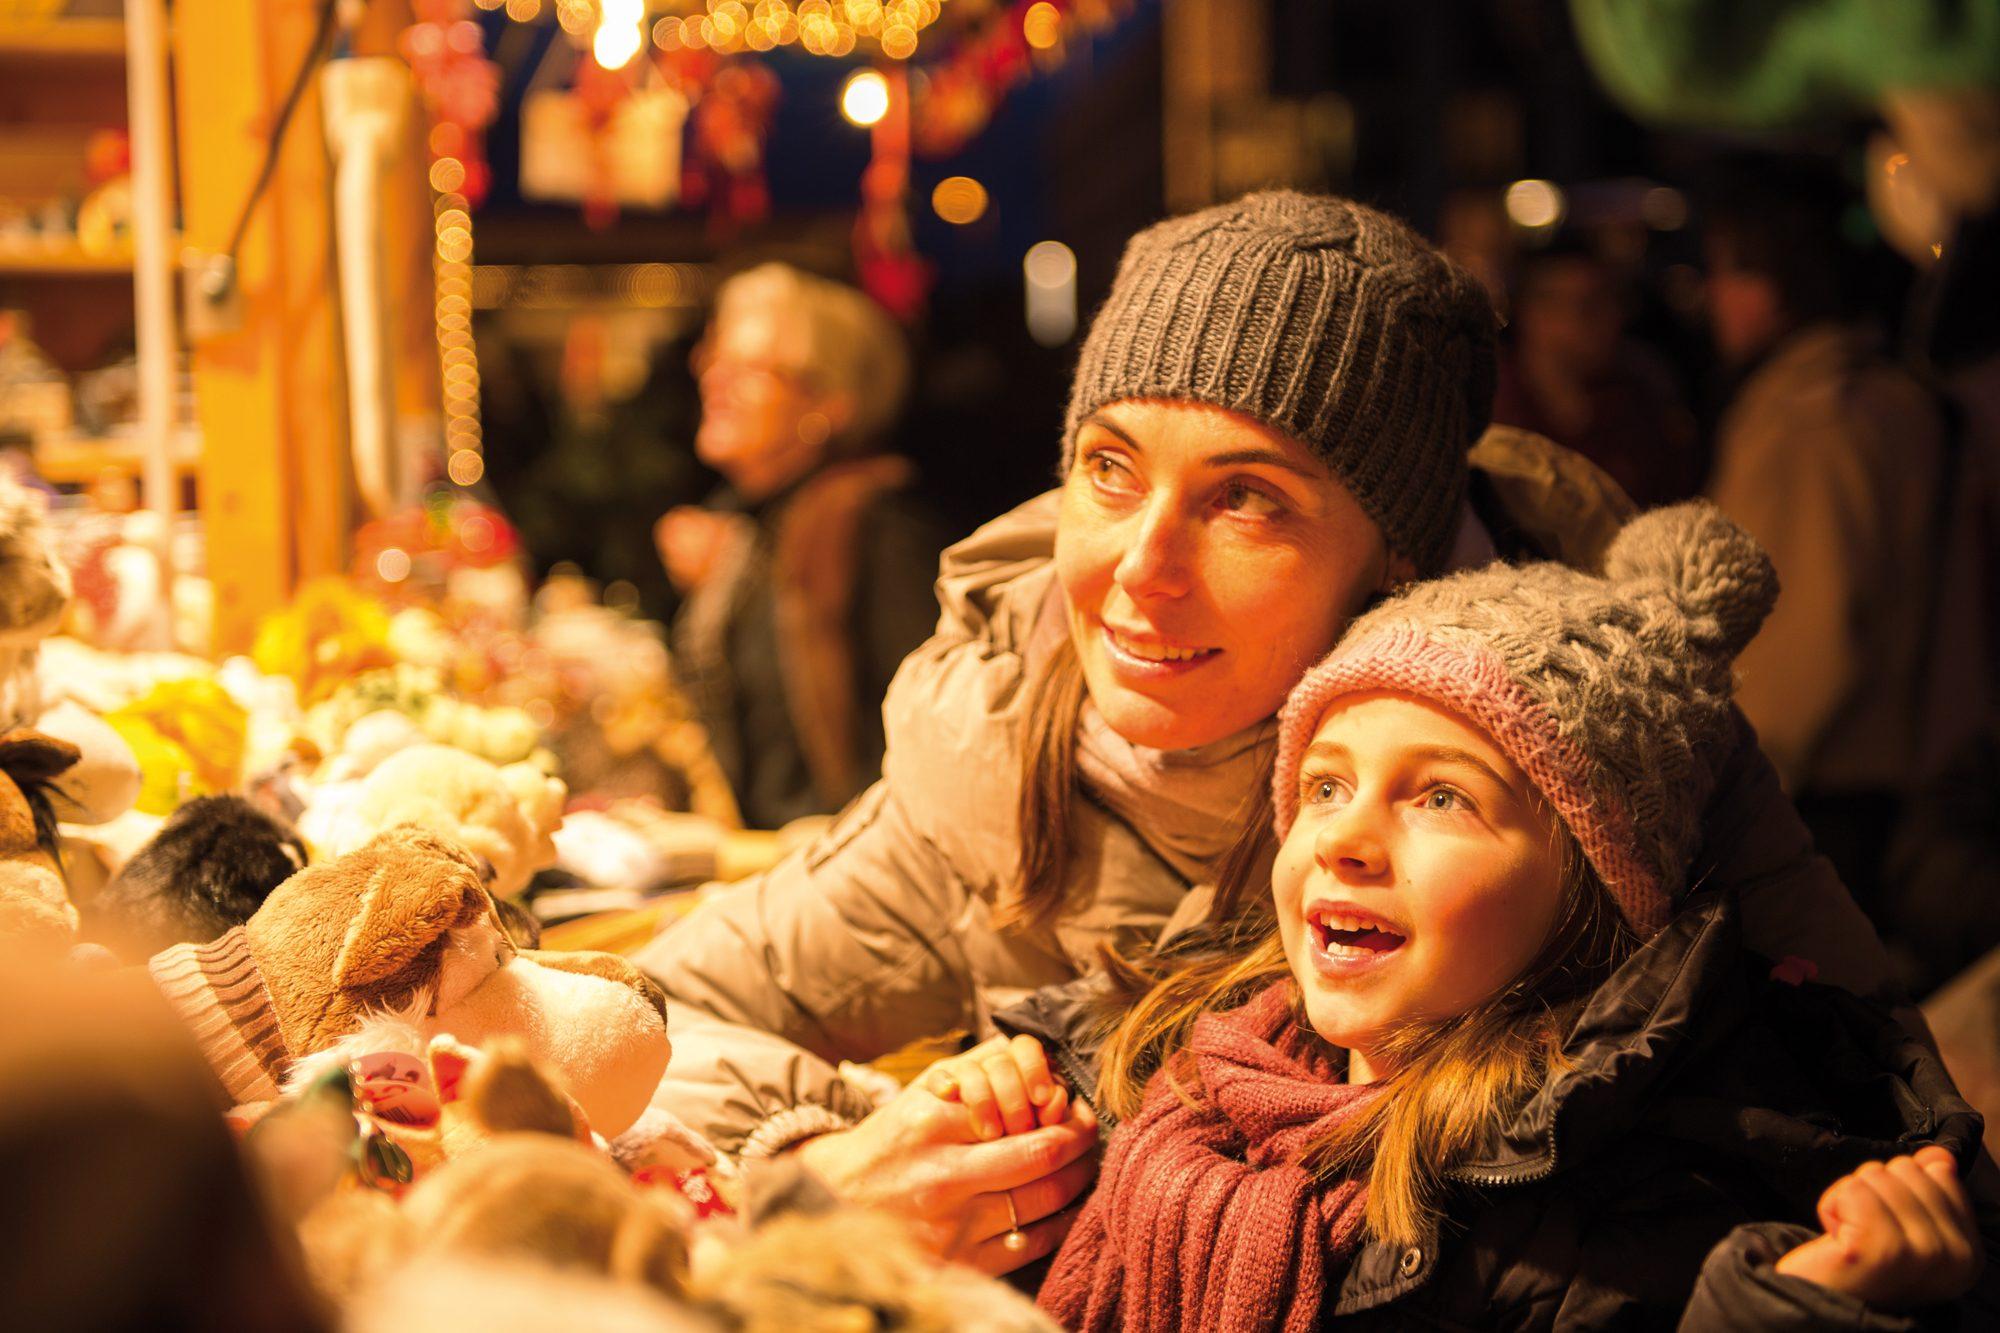 Mutter und Tochter stehen auf einem Weihnachtsmarkt